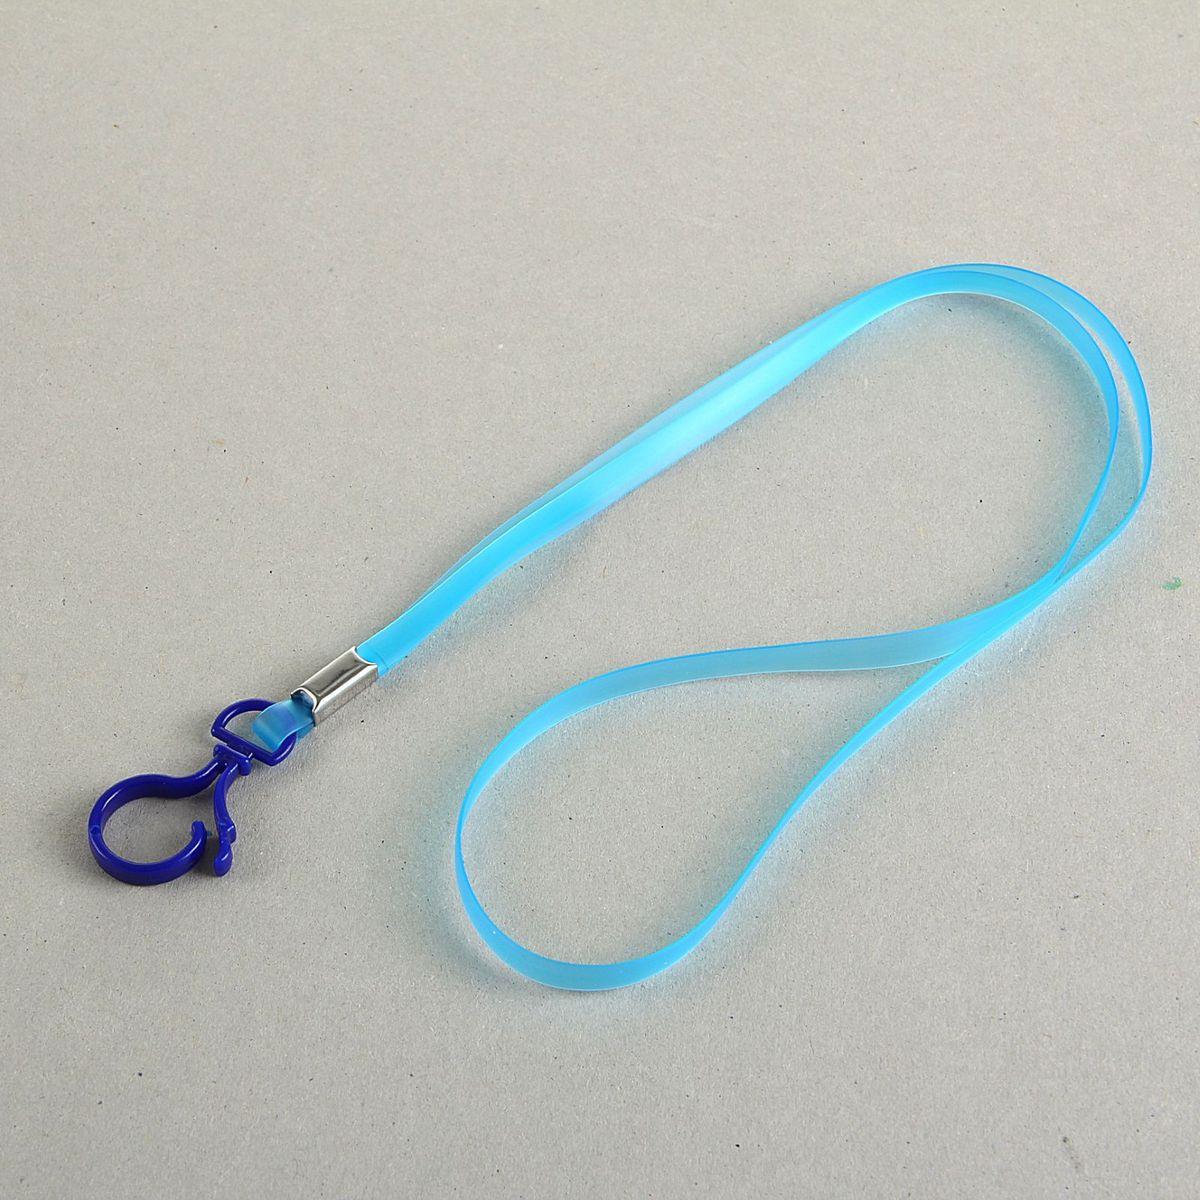 Лента для бейджа длина 38 см ширина 5 мм цвет синий1965016Лента для бейджа с пластиковым карабином используется для удобного ношения бейджа.Она изготовлена из пластика. Лента может быть использована в качестве элемента корпоративного стиля, особенно в сочетании с бейджем такого же цвета.